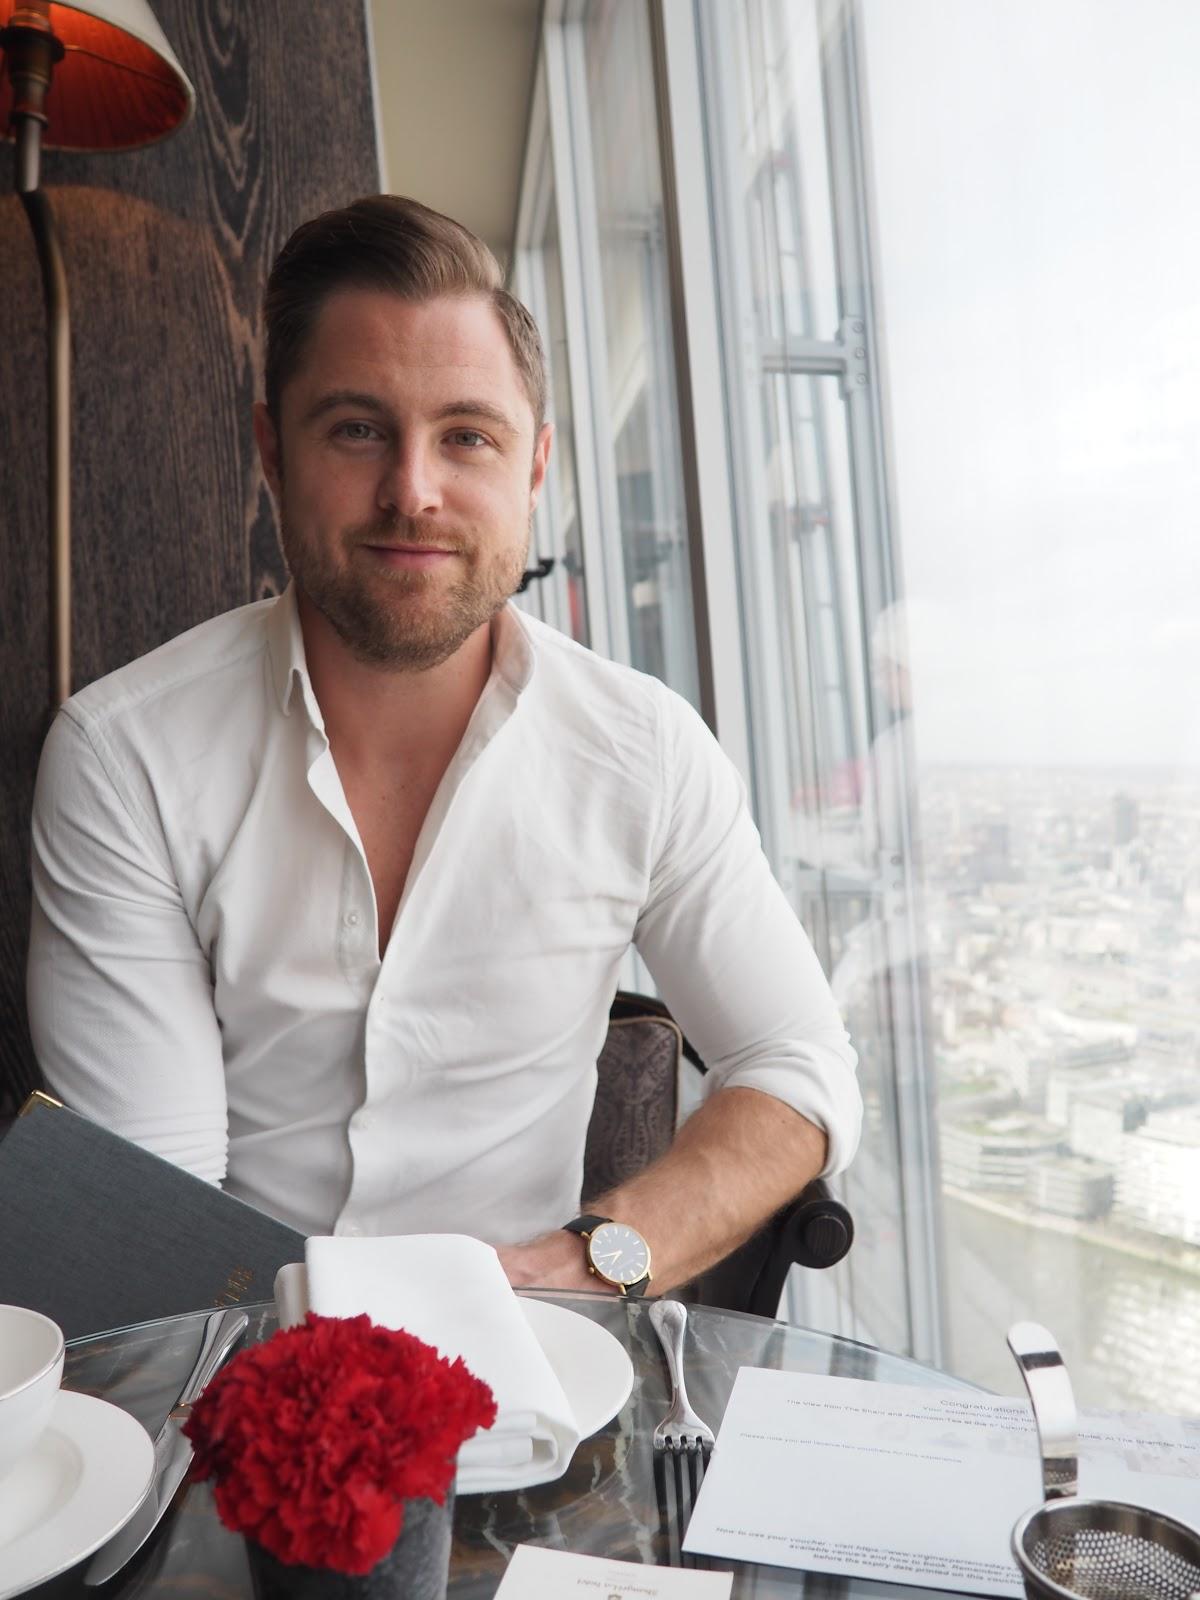 The Gentleman at Afternoon Tea at GONG Bar at the Shangri La at The Shard